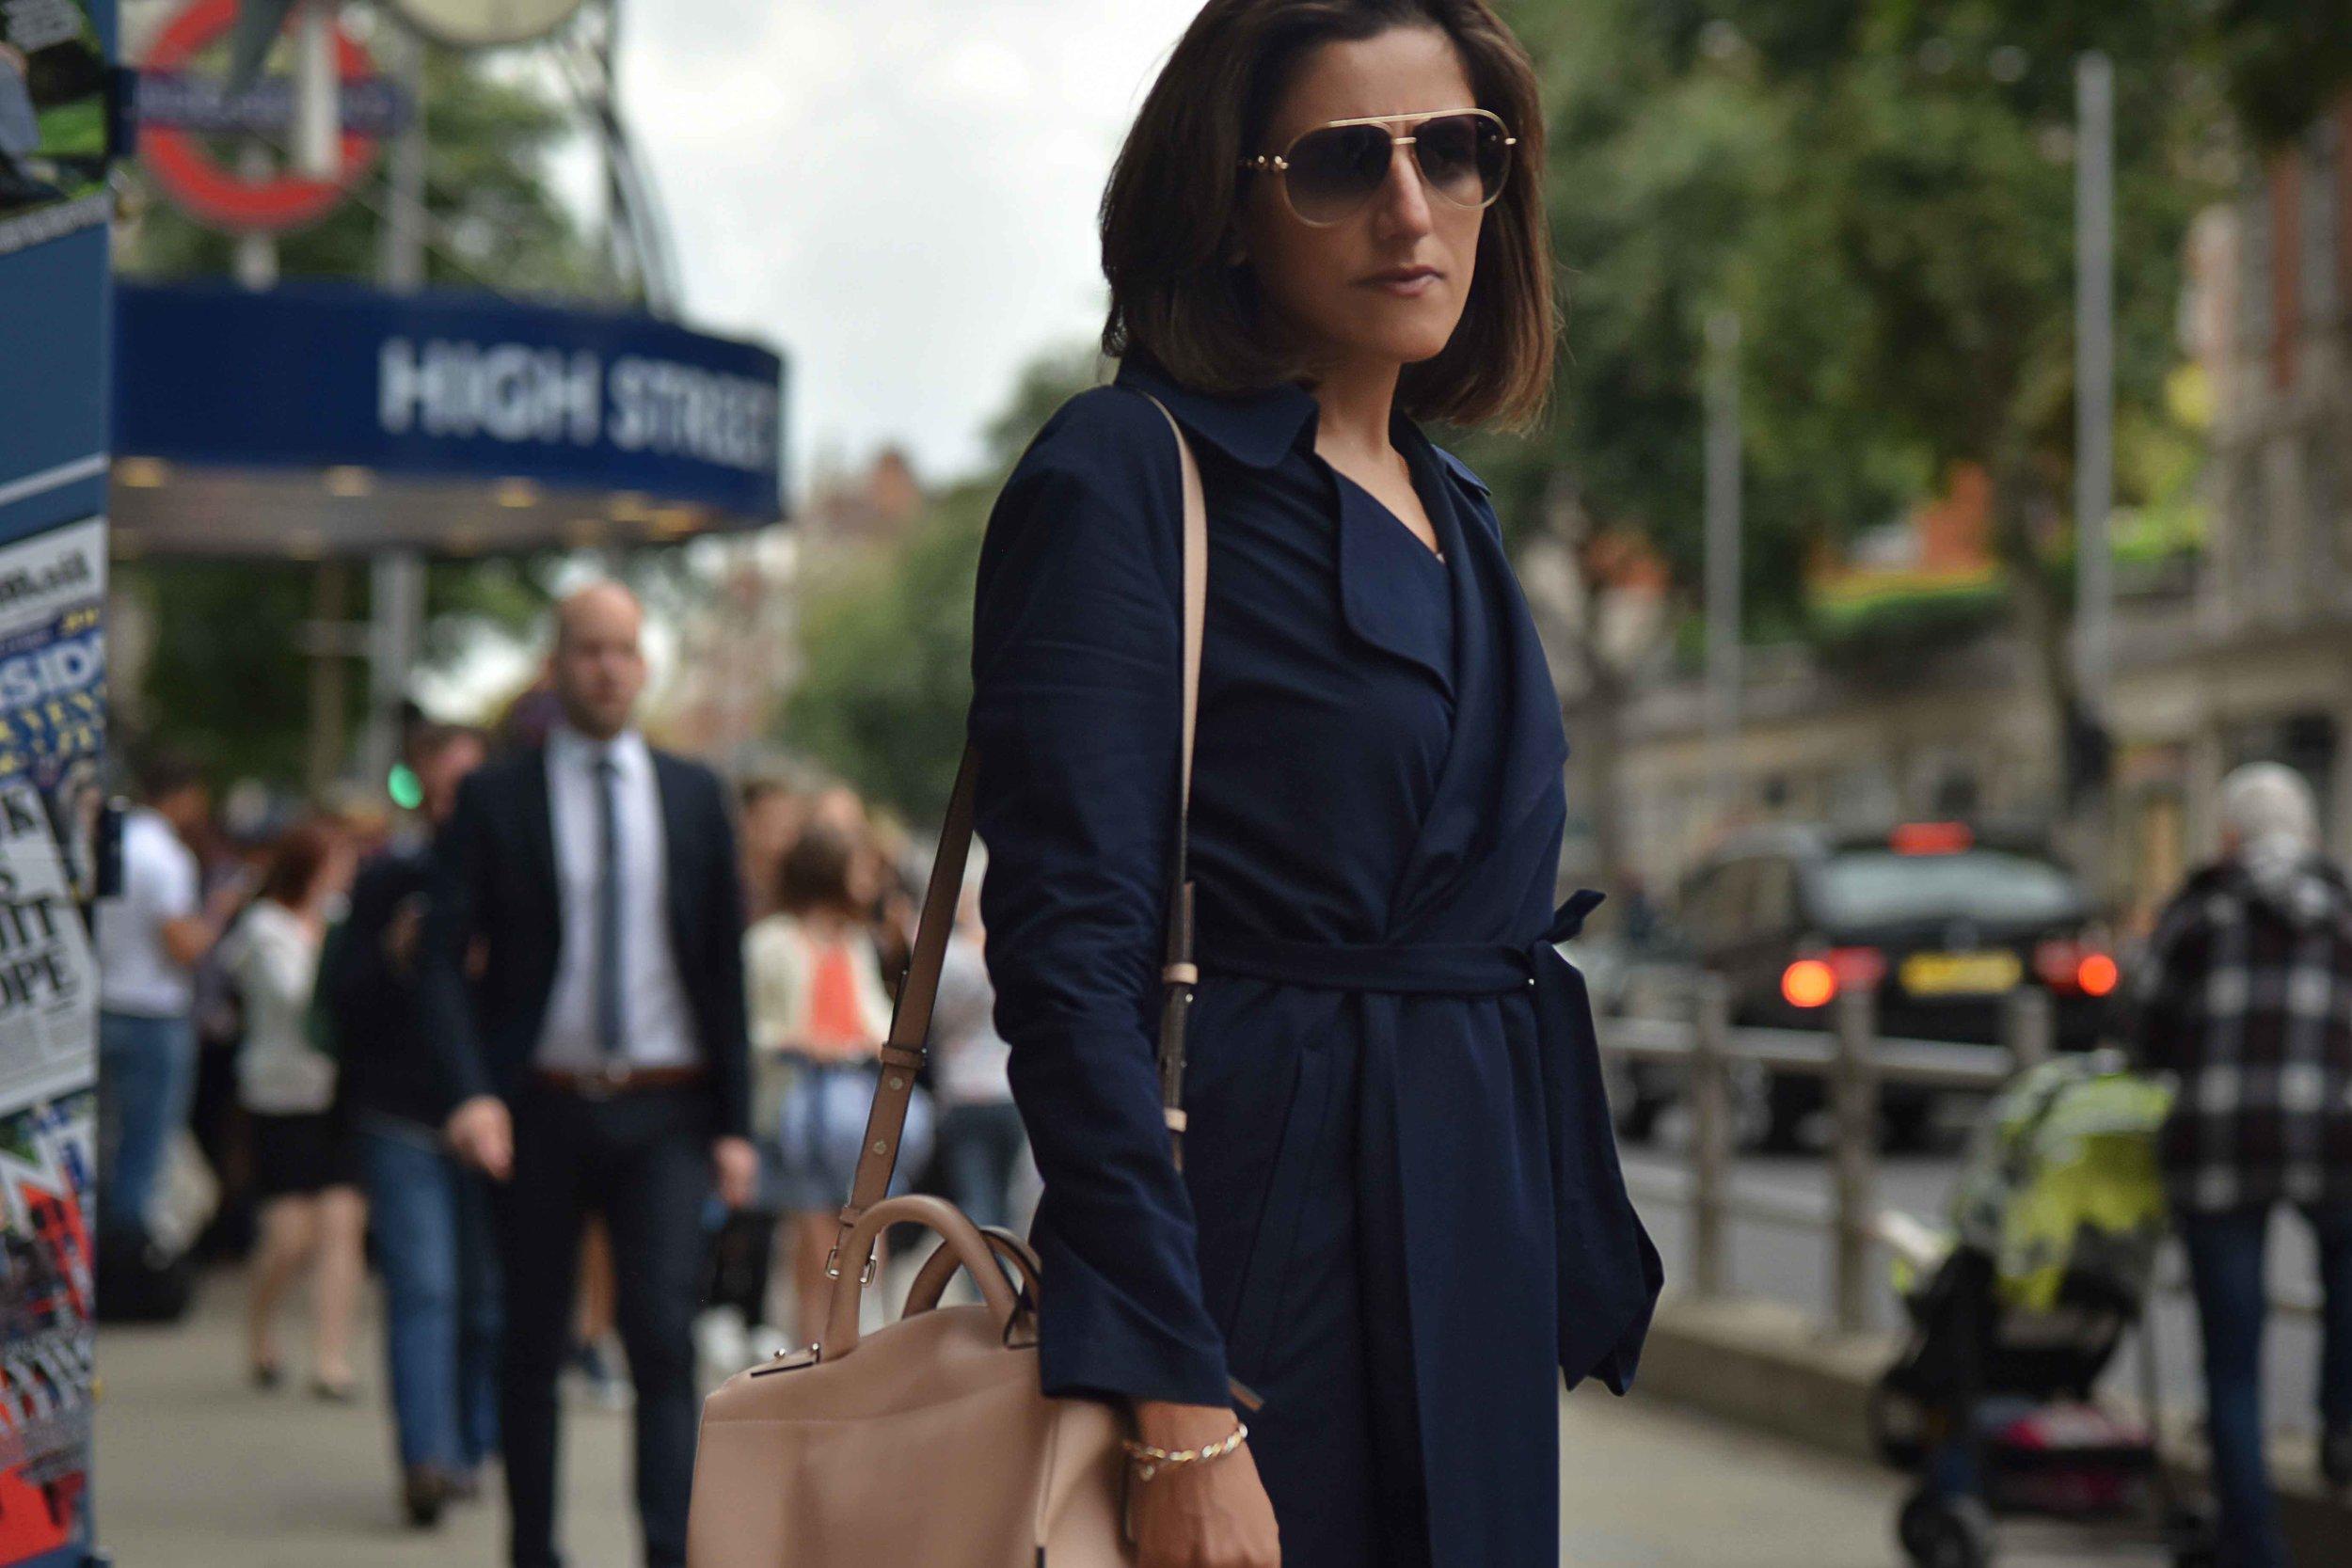 Marks & Spencer trench coat, Karen Millen bag, Gucci sunglasses, High Street Kensington, London. Image©sourcingstyle.com